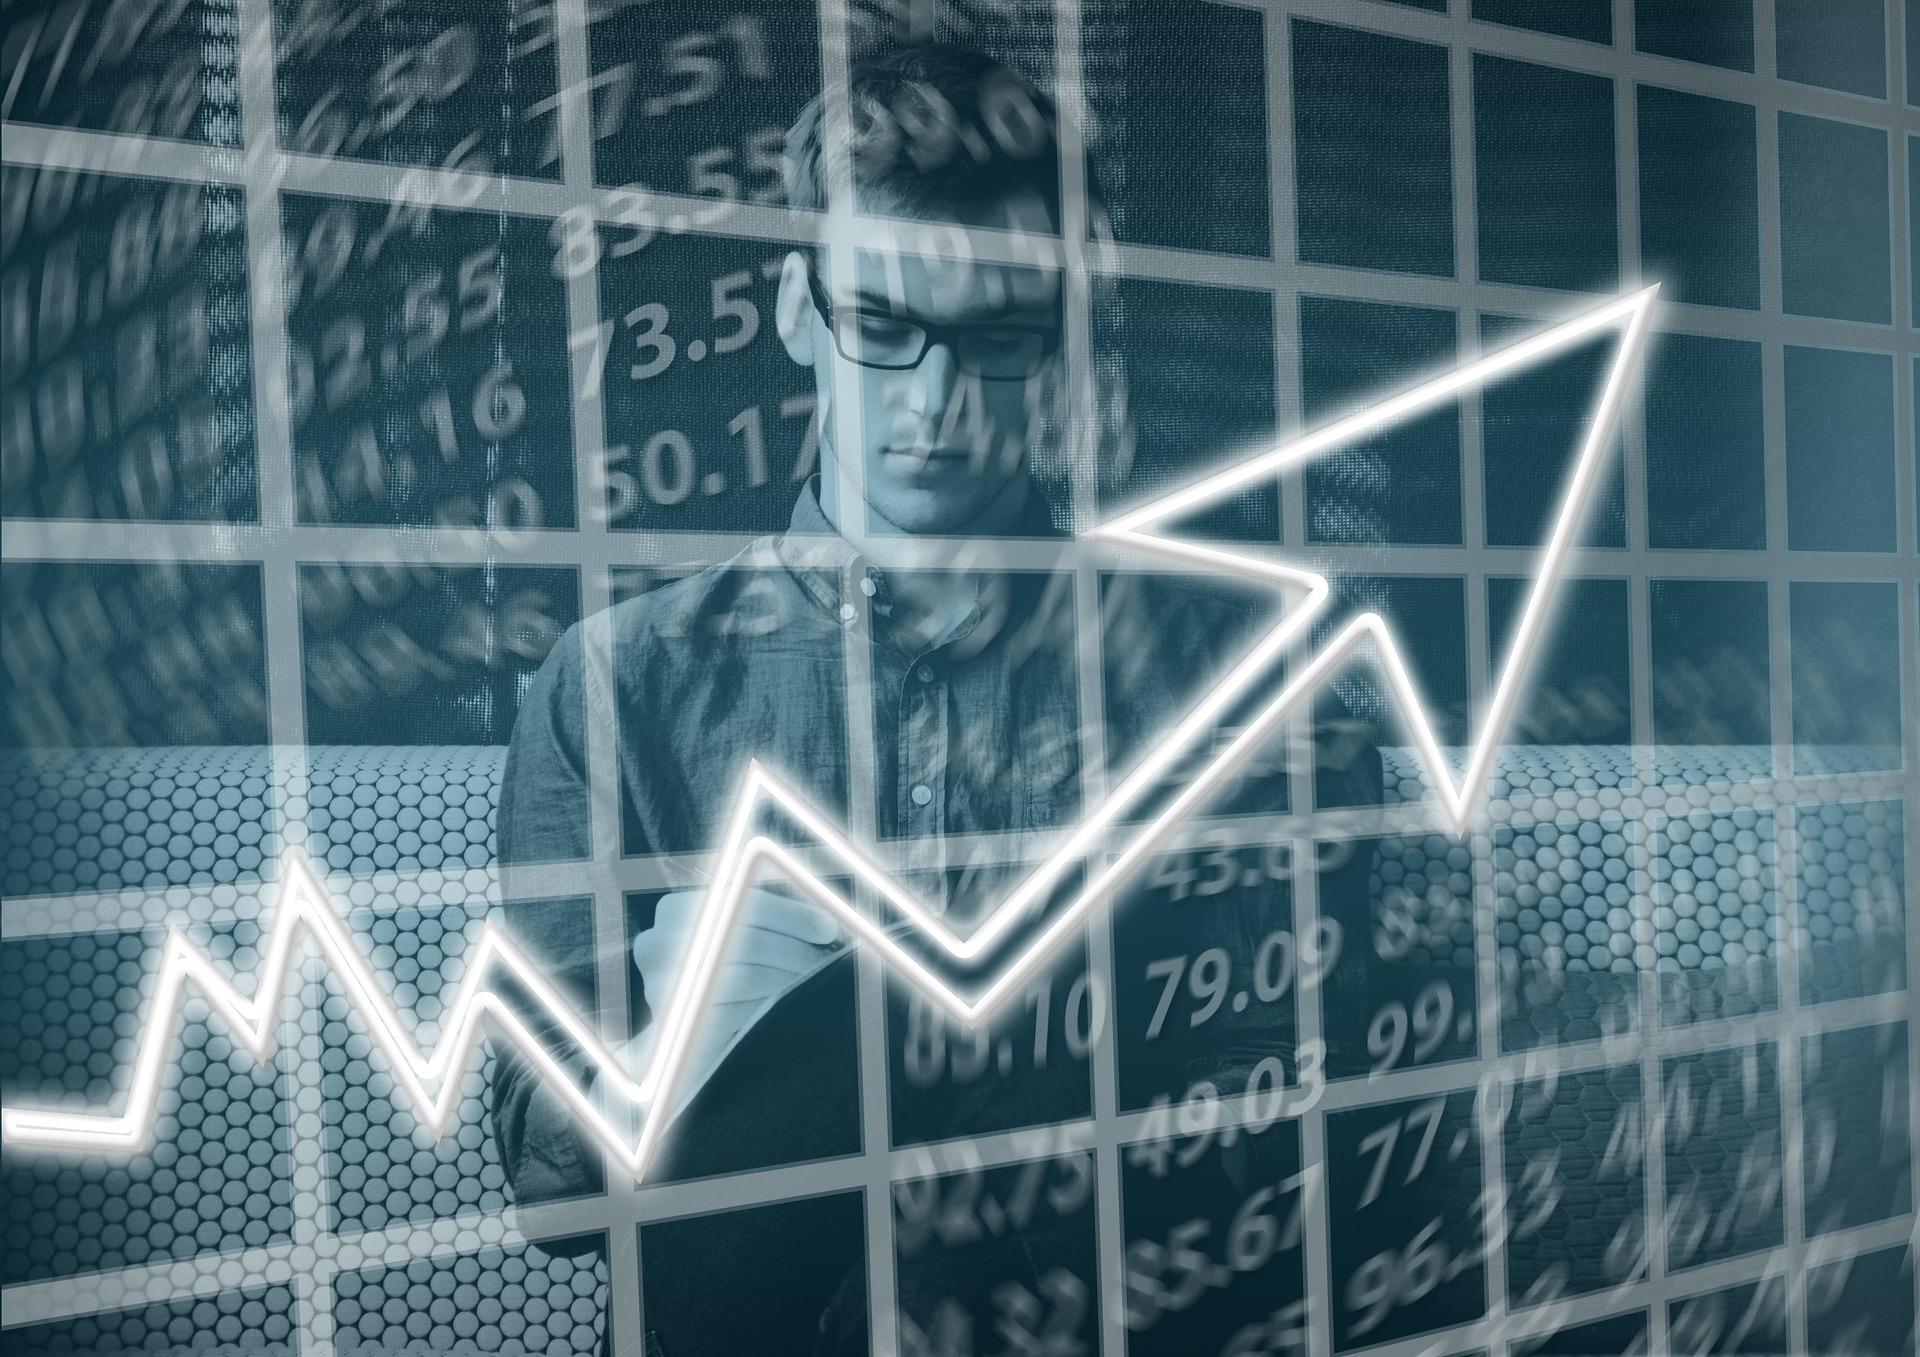 Sales & Rent back: il supporto Domorental per dare liquidità alle Imprese.